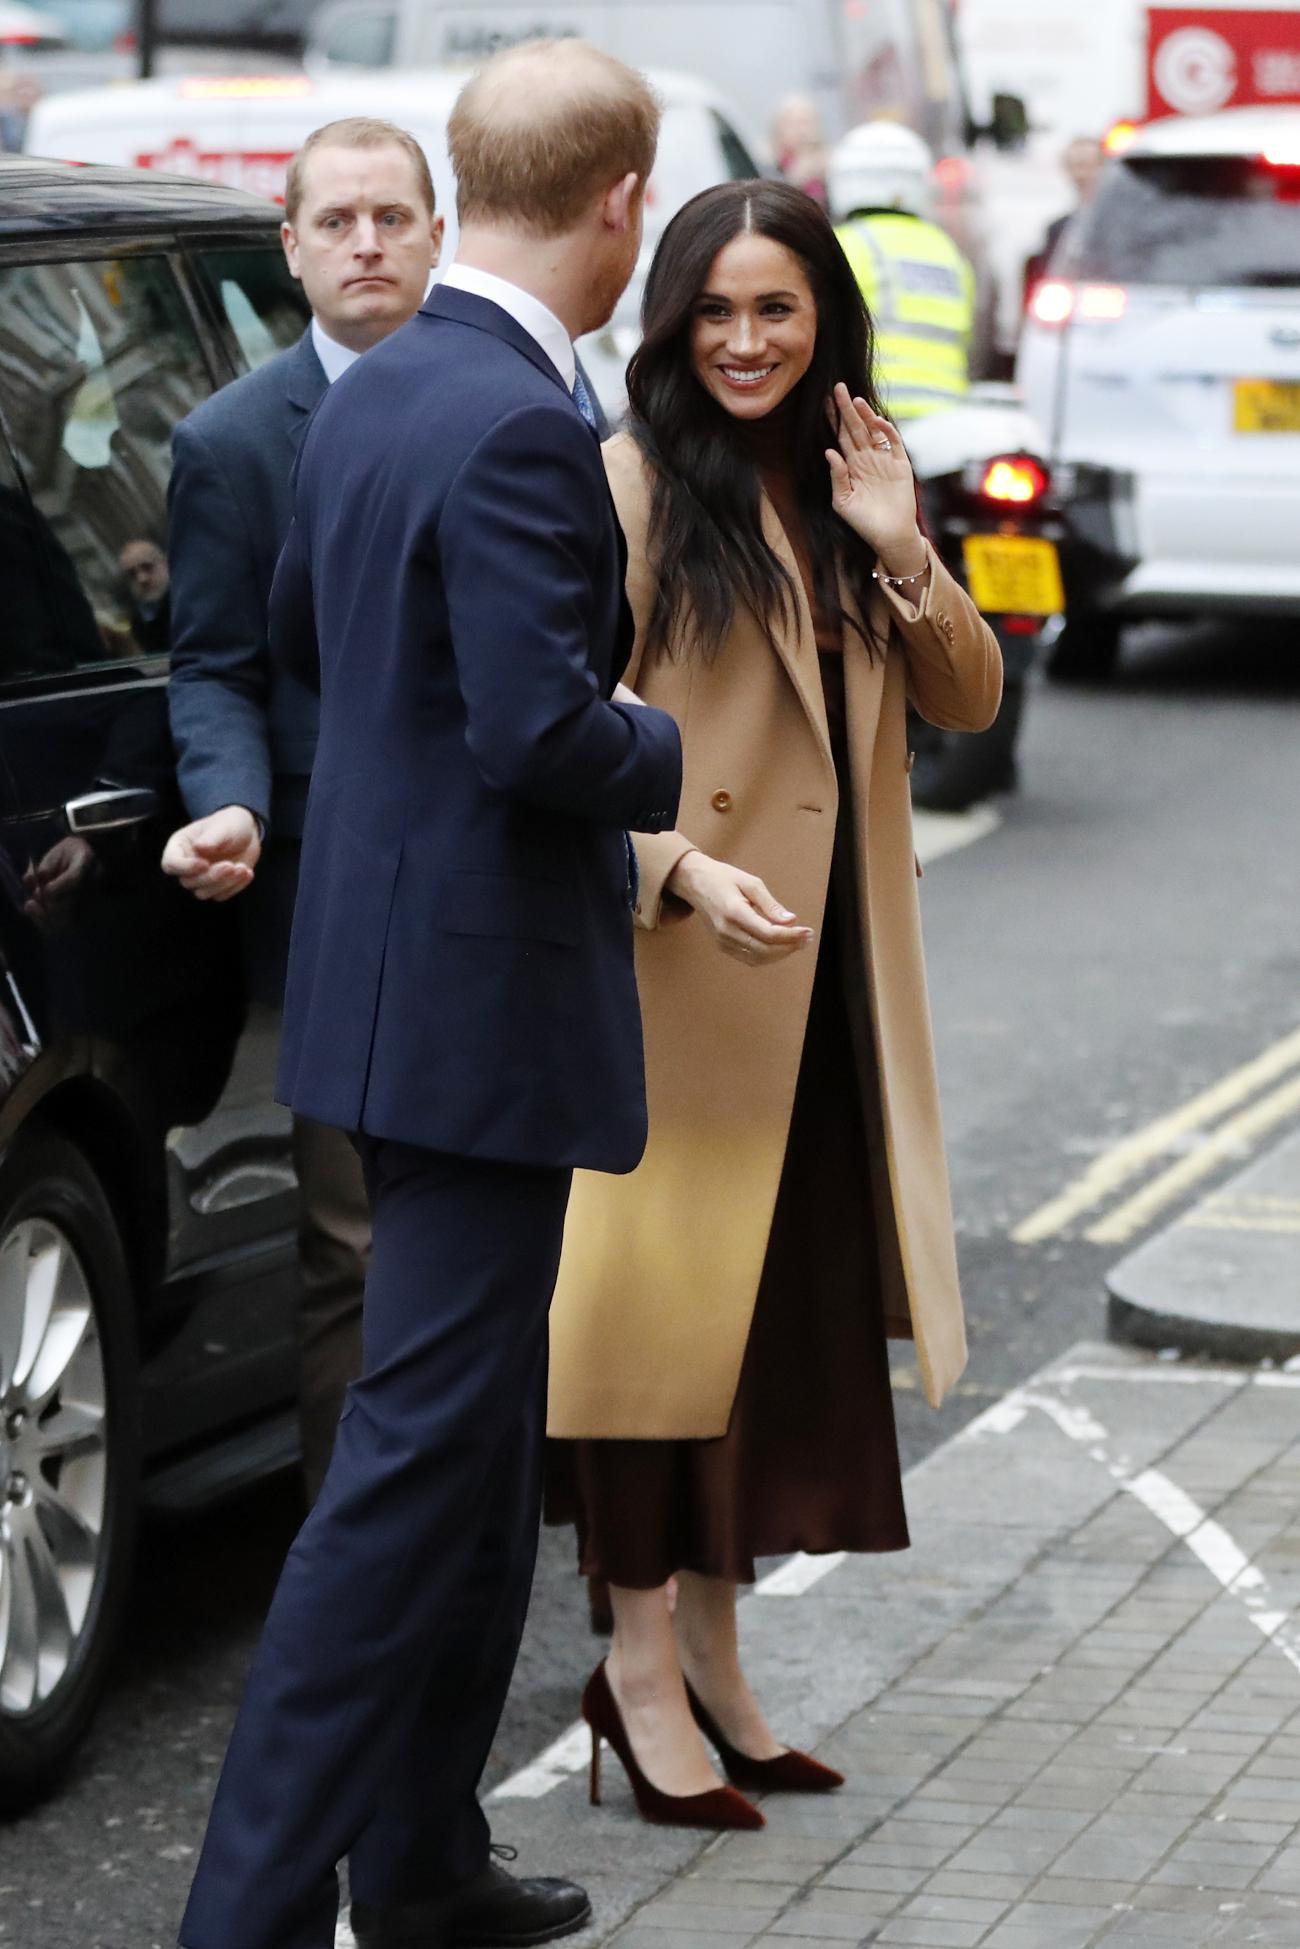 Πρόκειται για την πρώτη εμφάνιση του Πρίγκιπα Χάρι και της Μέγκαν Μαρκλ για το 2020